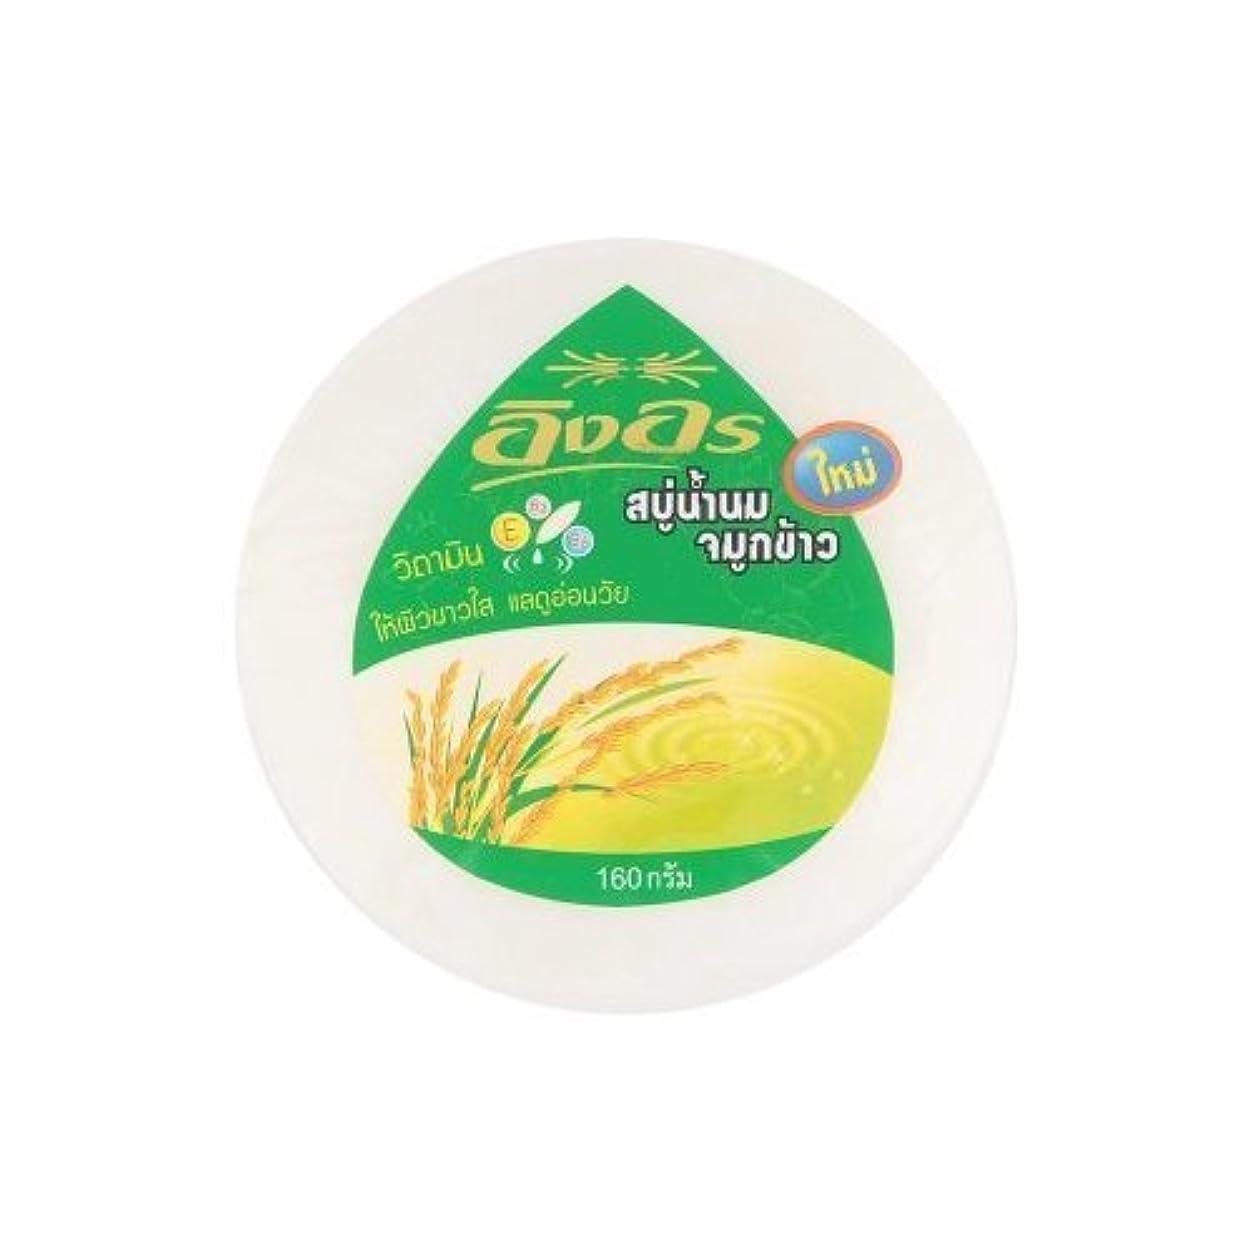 再編成する所有者具体的にNi Yom Thai shop Ing on : Wheat Germ Milk Herbal Soap Bar 5.64 Oz. Made in Thailand